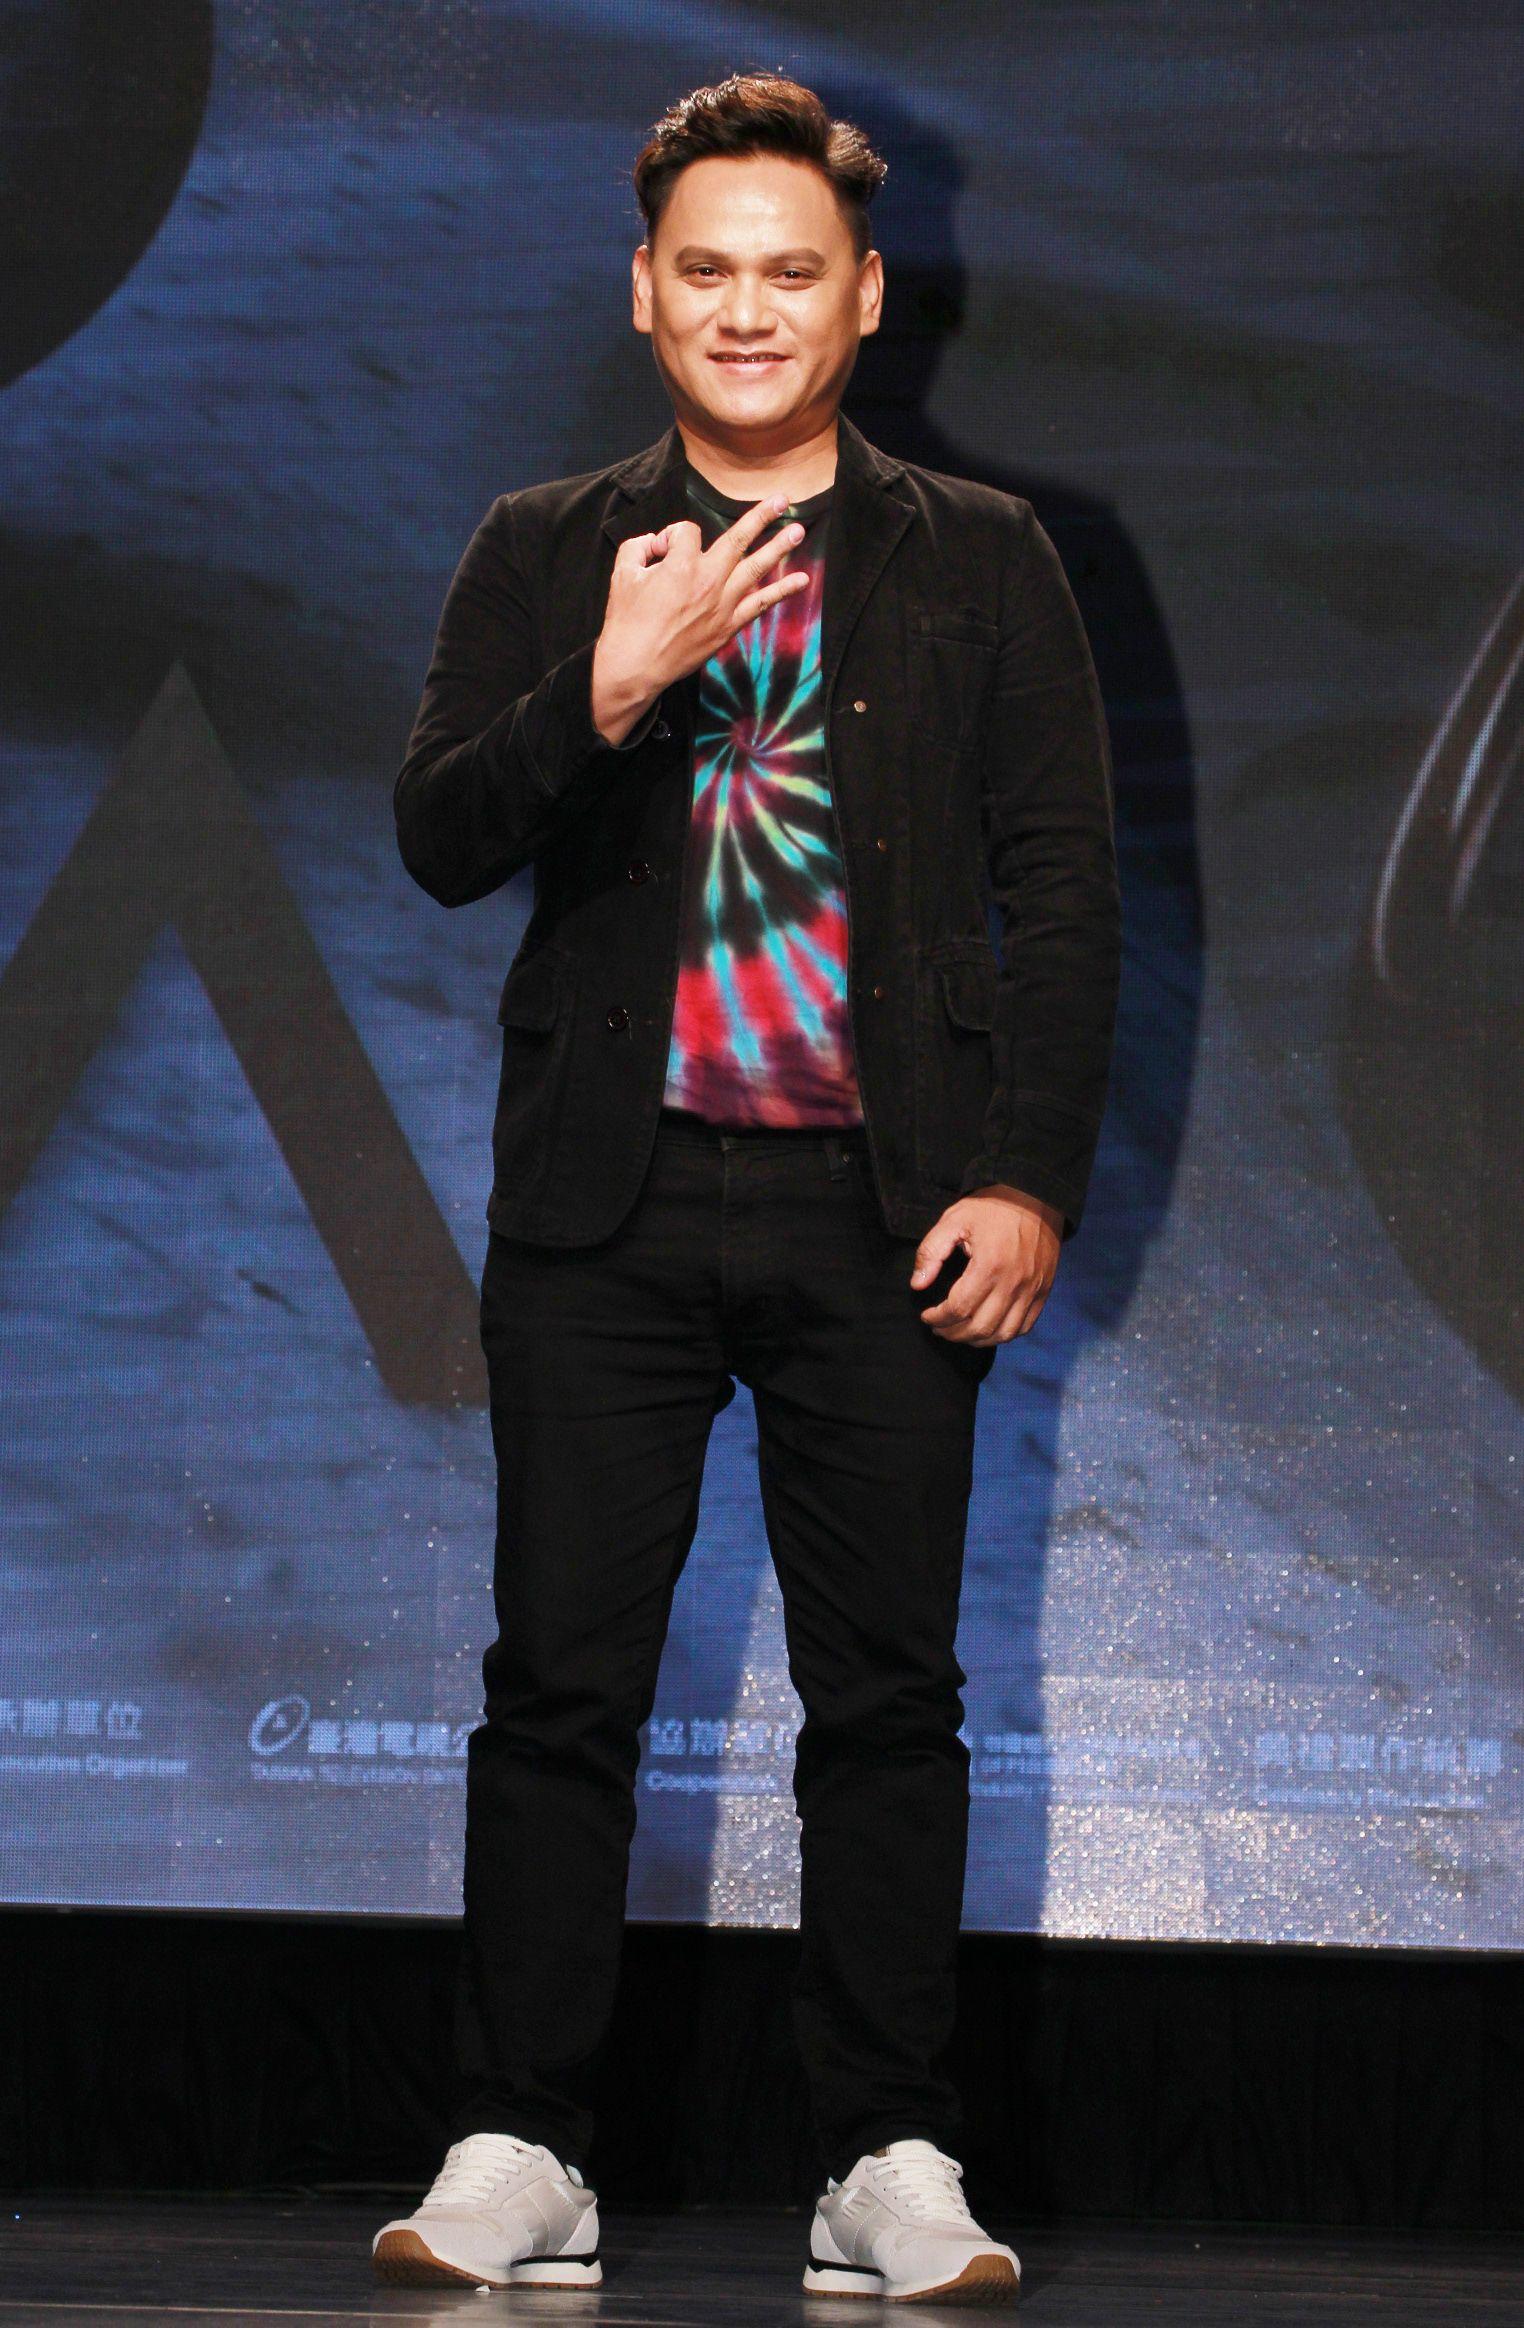 桑布伊公布第30屆金曲獎入圍名單。(記者邱榮吉/攝影)